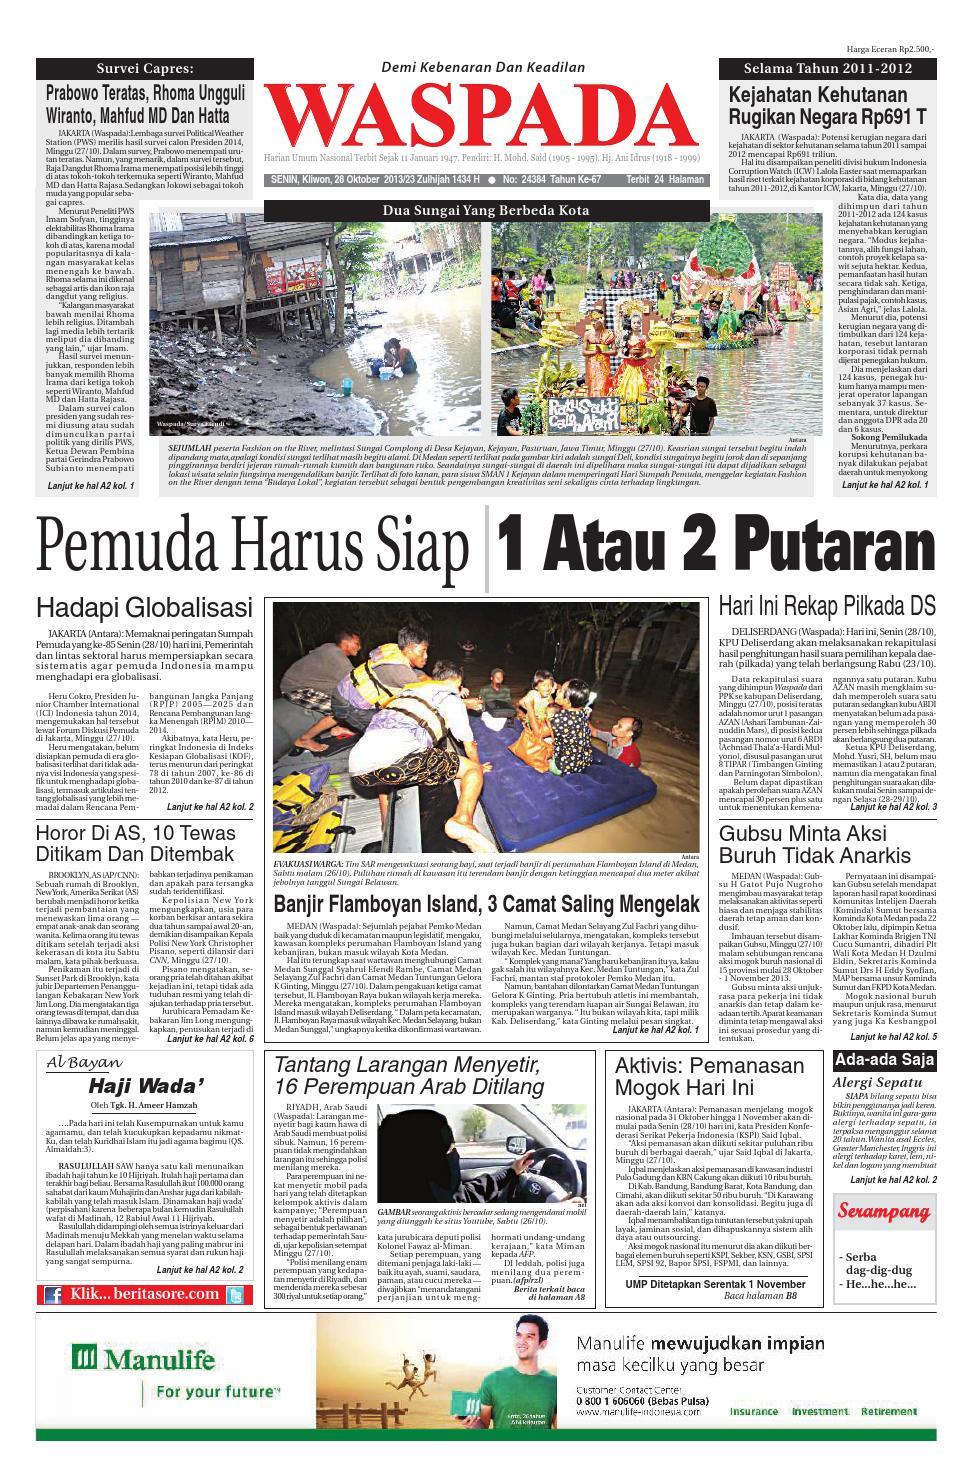 Waspada Senin 29 Oktober 2013 Ok By Harian Issuu Krezi Kamis Jam Tangan Usb Mancis Keren